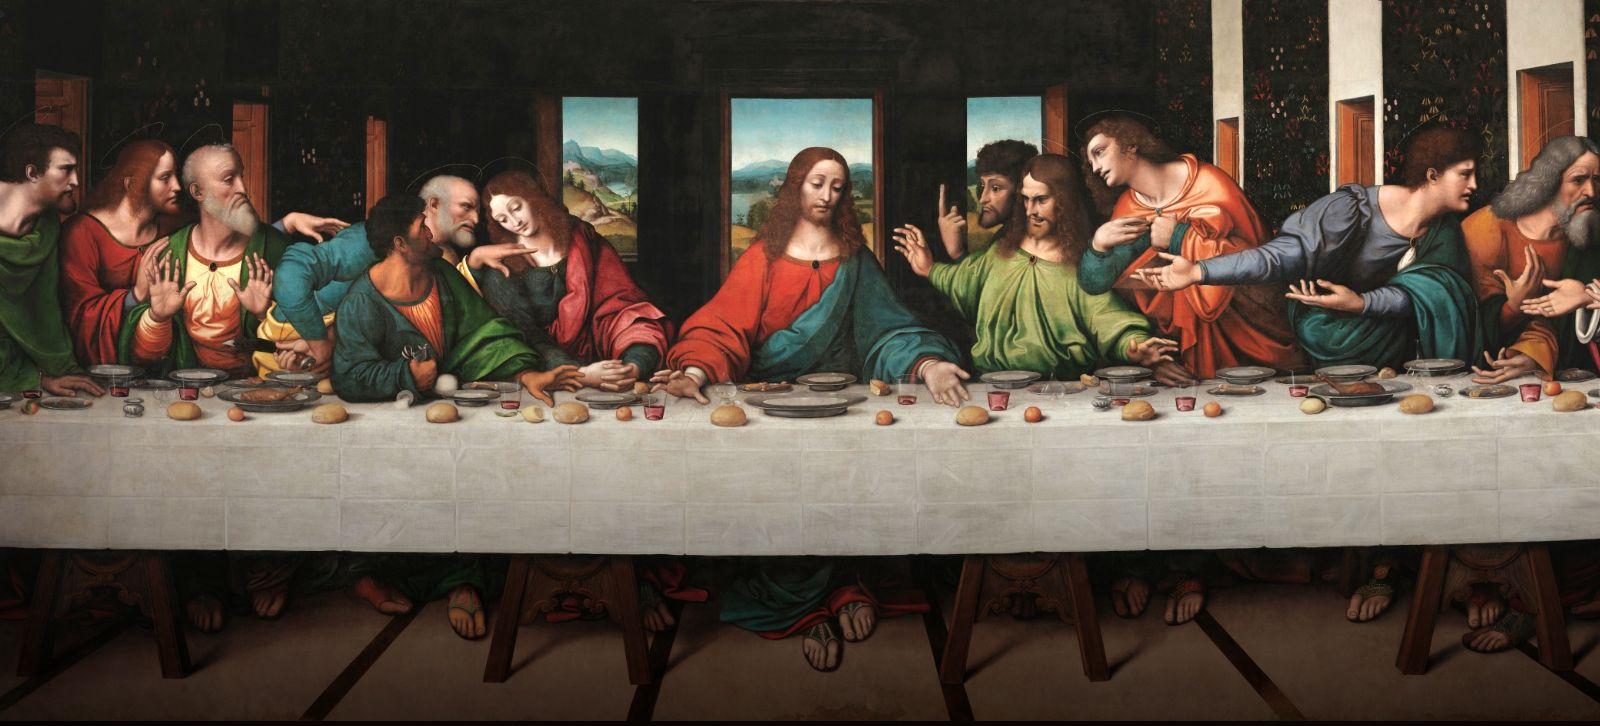 «Μυστικός Δείπνος»: Δείτε το έργο του Λεονάρντο Ντα Βίντσι σε υψηλή ανάλυση – Ποιες λεπτομέρειες αποκαλύφθηκαν